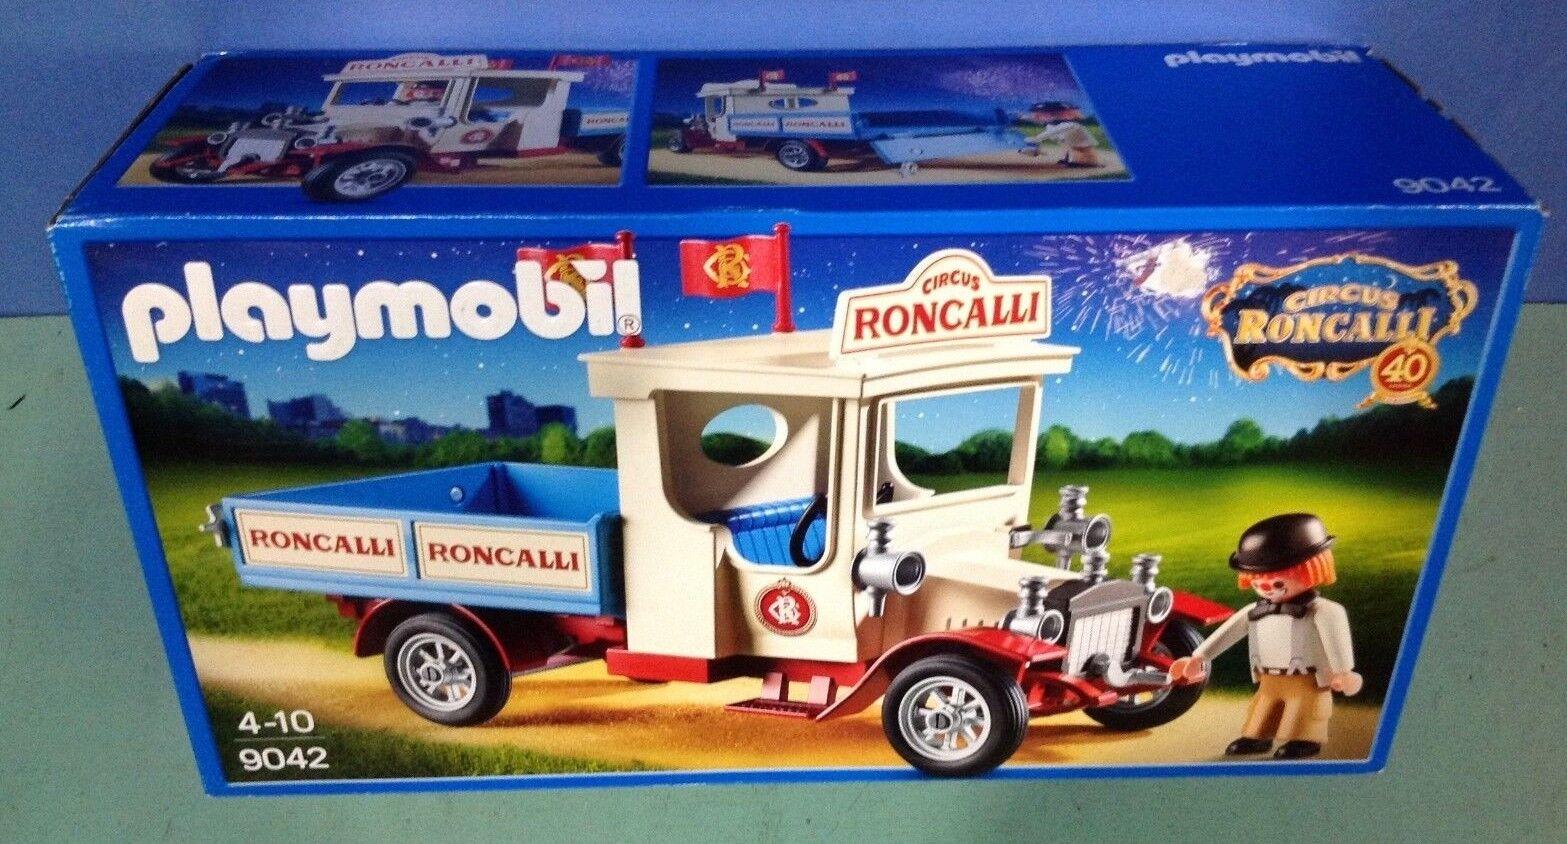 grandes ofertas (N9042.1) Jugarmobil Cuerpo Cuerpo Cuerpo Payaso Circo Roncalli Circo Ref 9042 4230 3720 Nuevo  80% de descuento